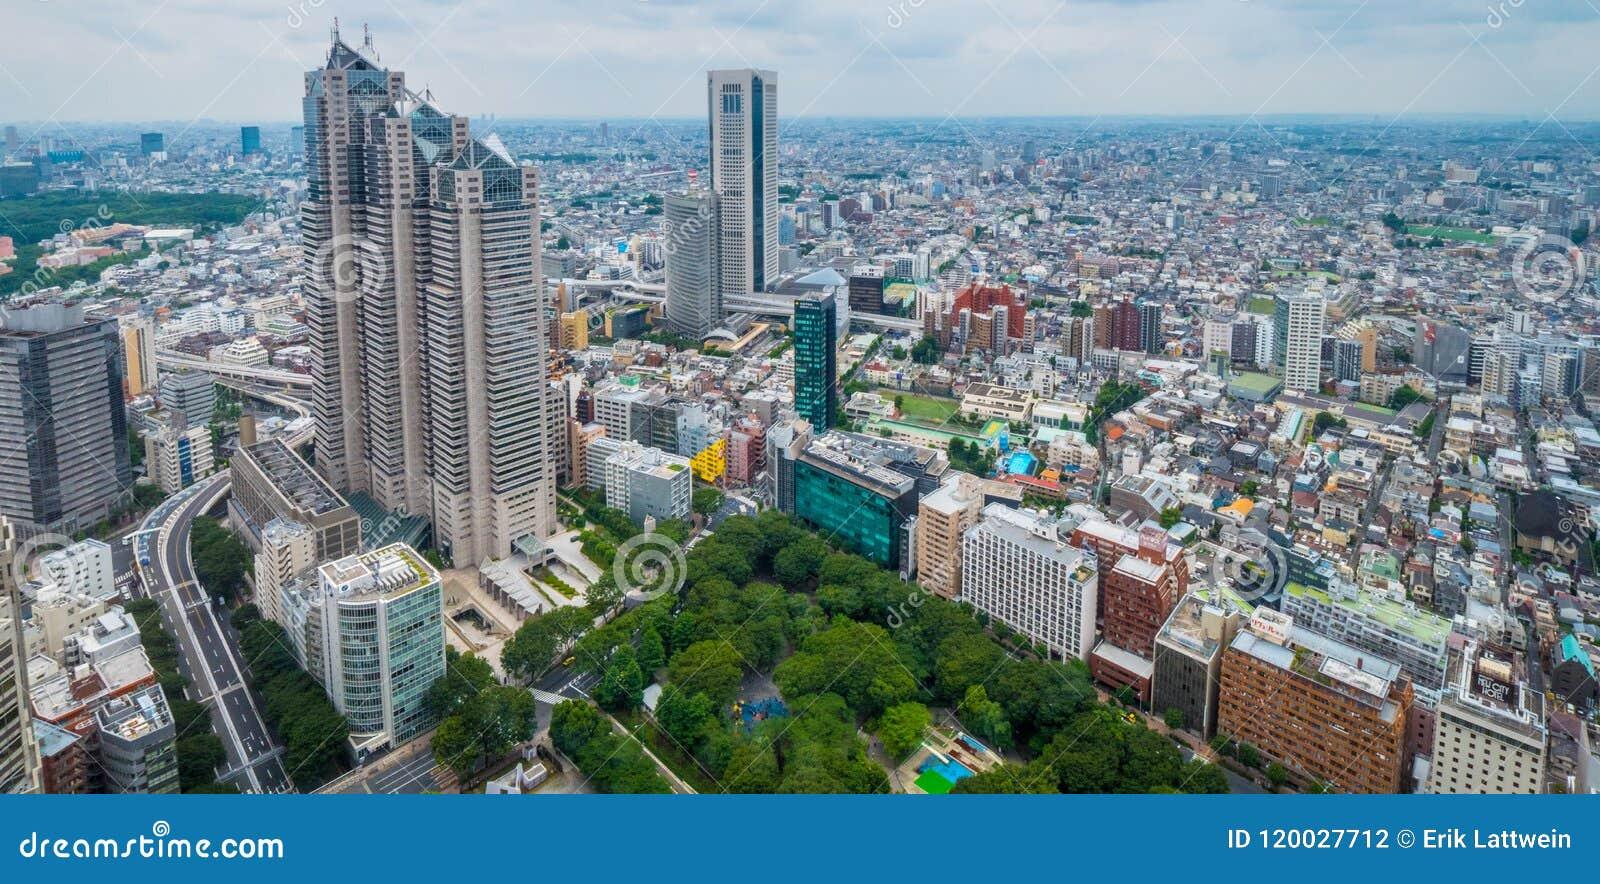 Vista aérea sobre a cidade grande do Tóquio - TÓQUIO, JAPÃO - 17 de junho de 2018